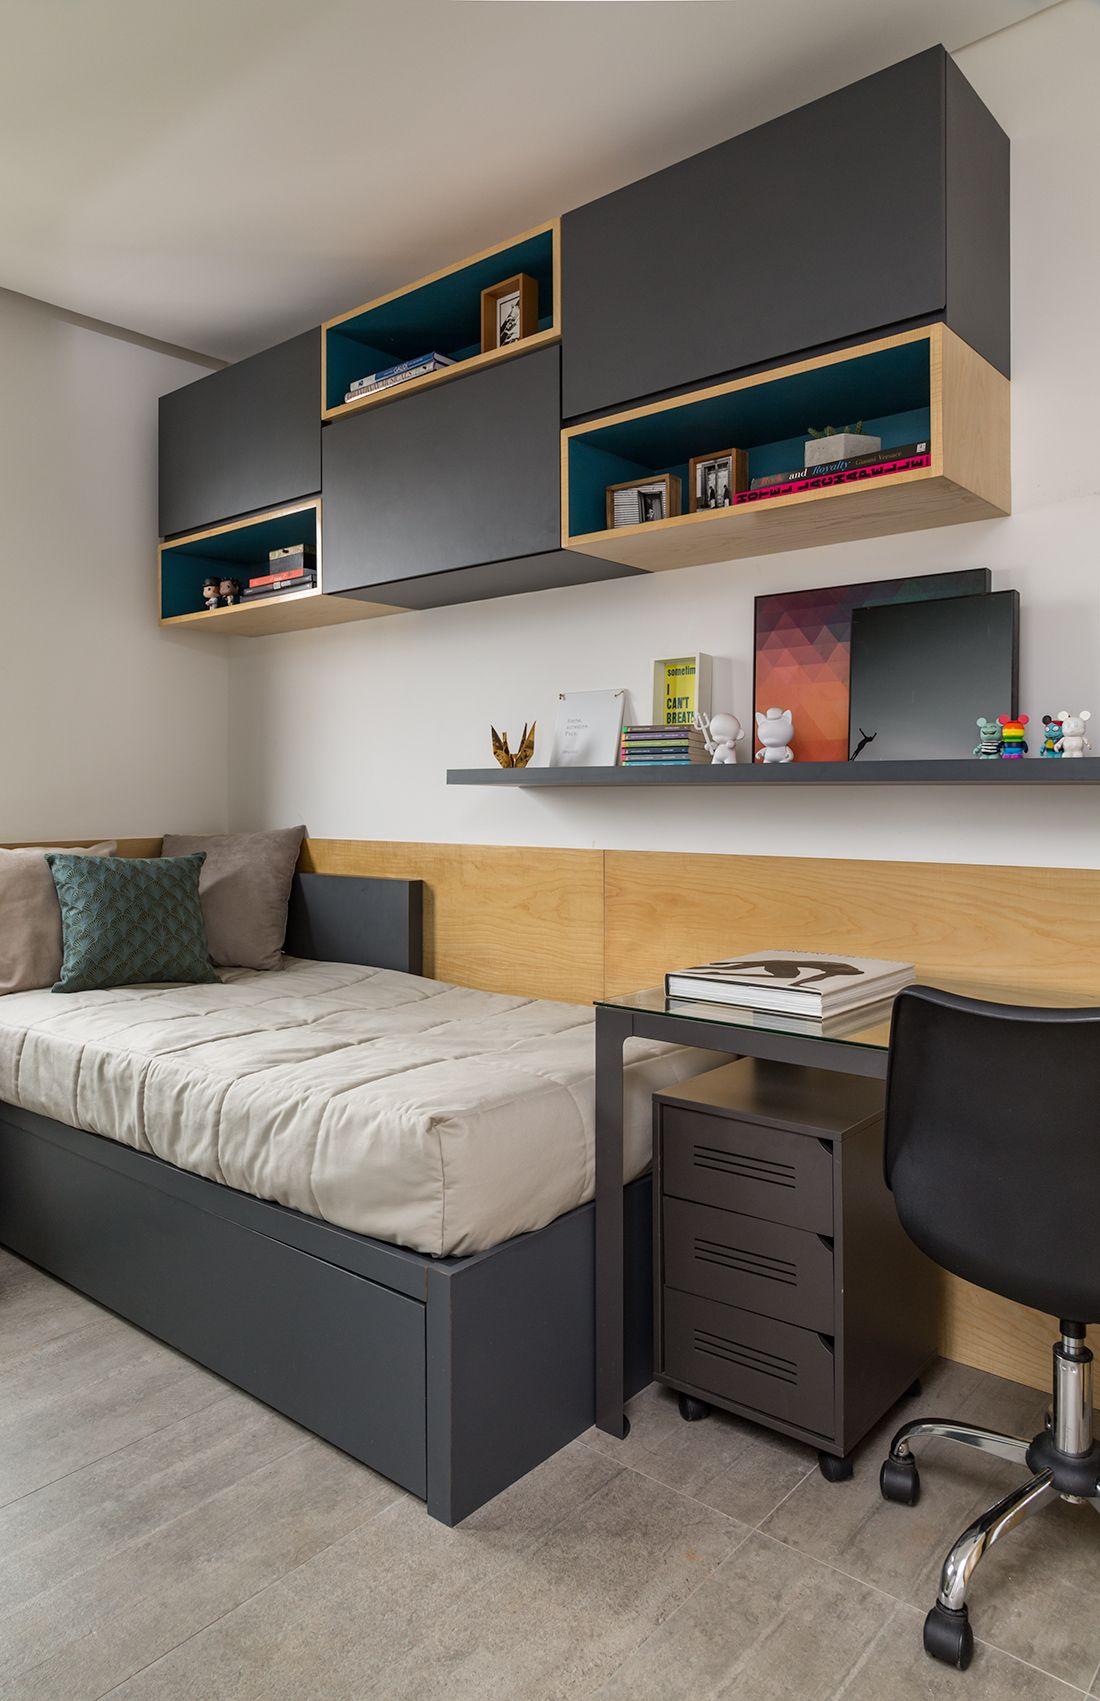 Pin de No Surprises en ArchDeco Pinterest Dormitorio Recamara y